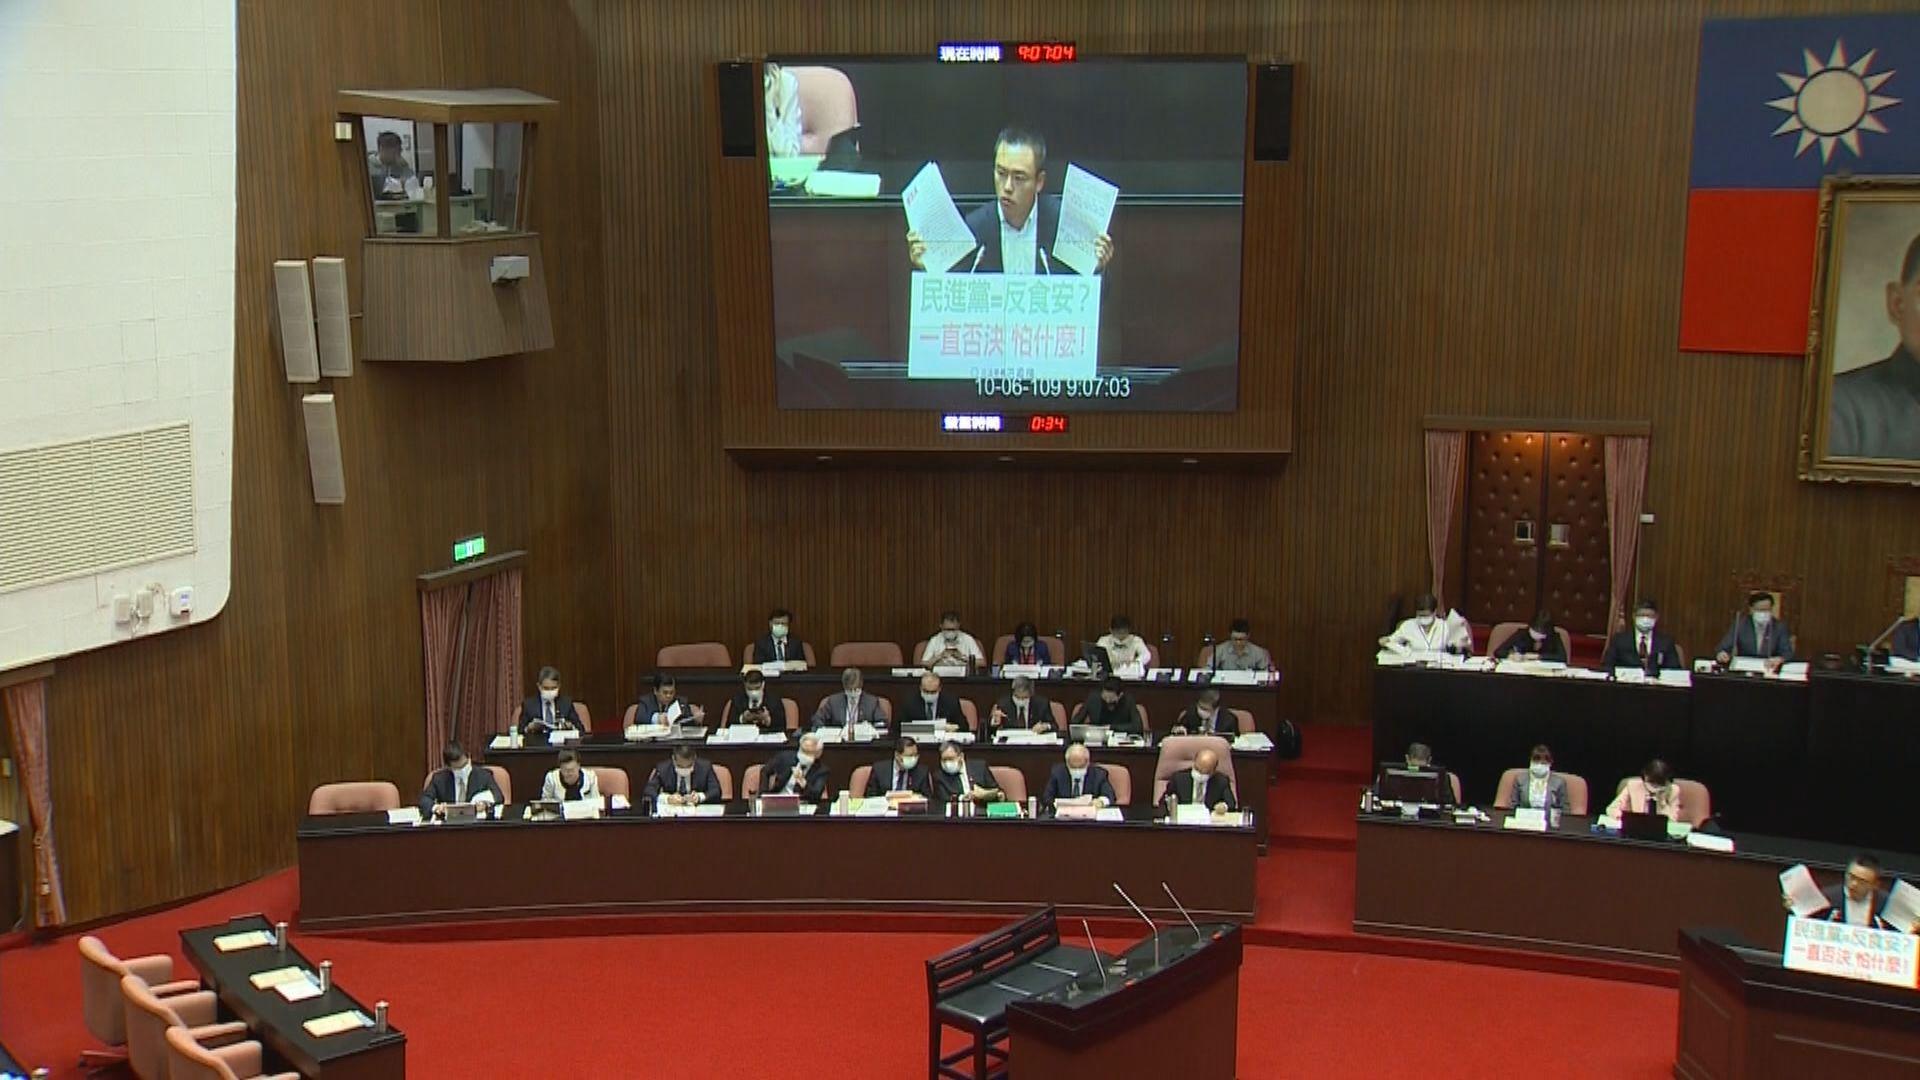 台灣立法院通過「台美復交」等議案 北京堅決反對